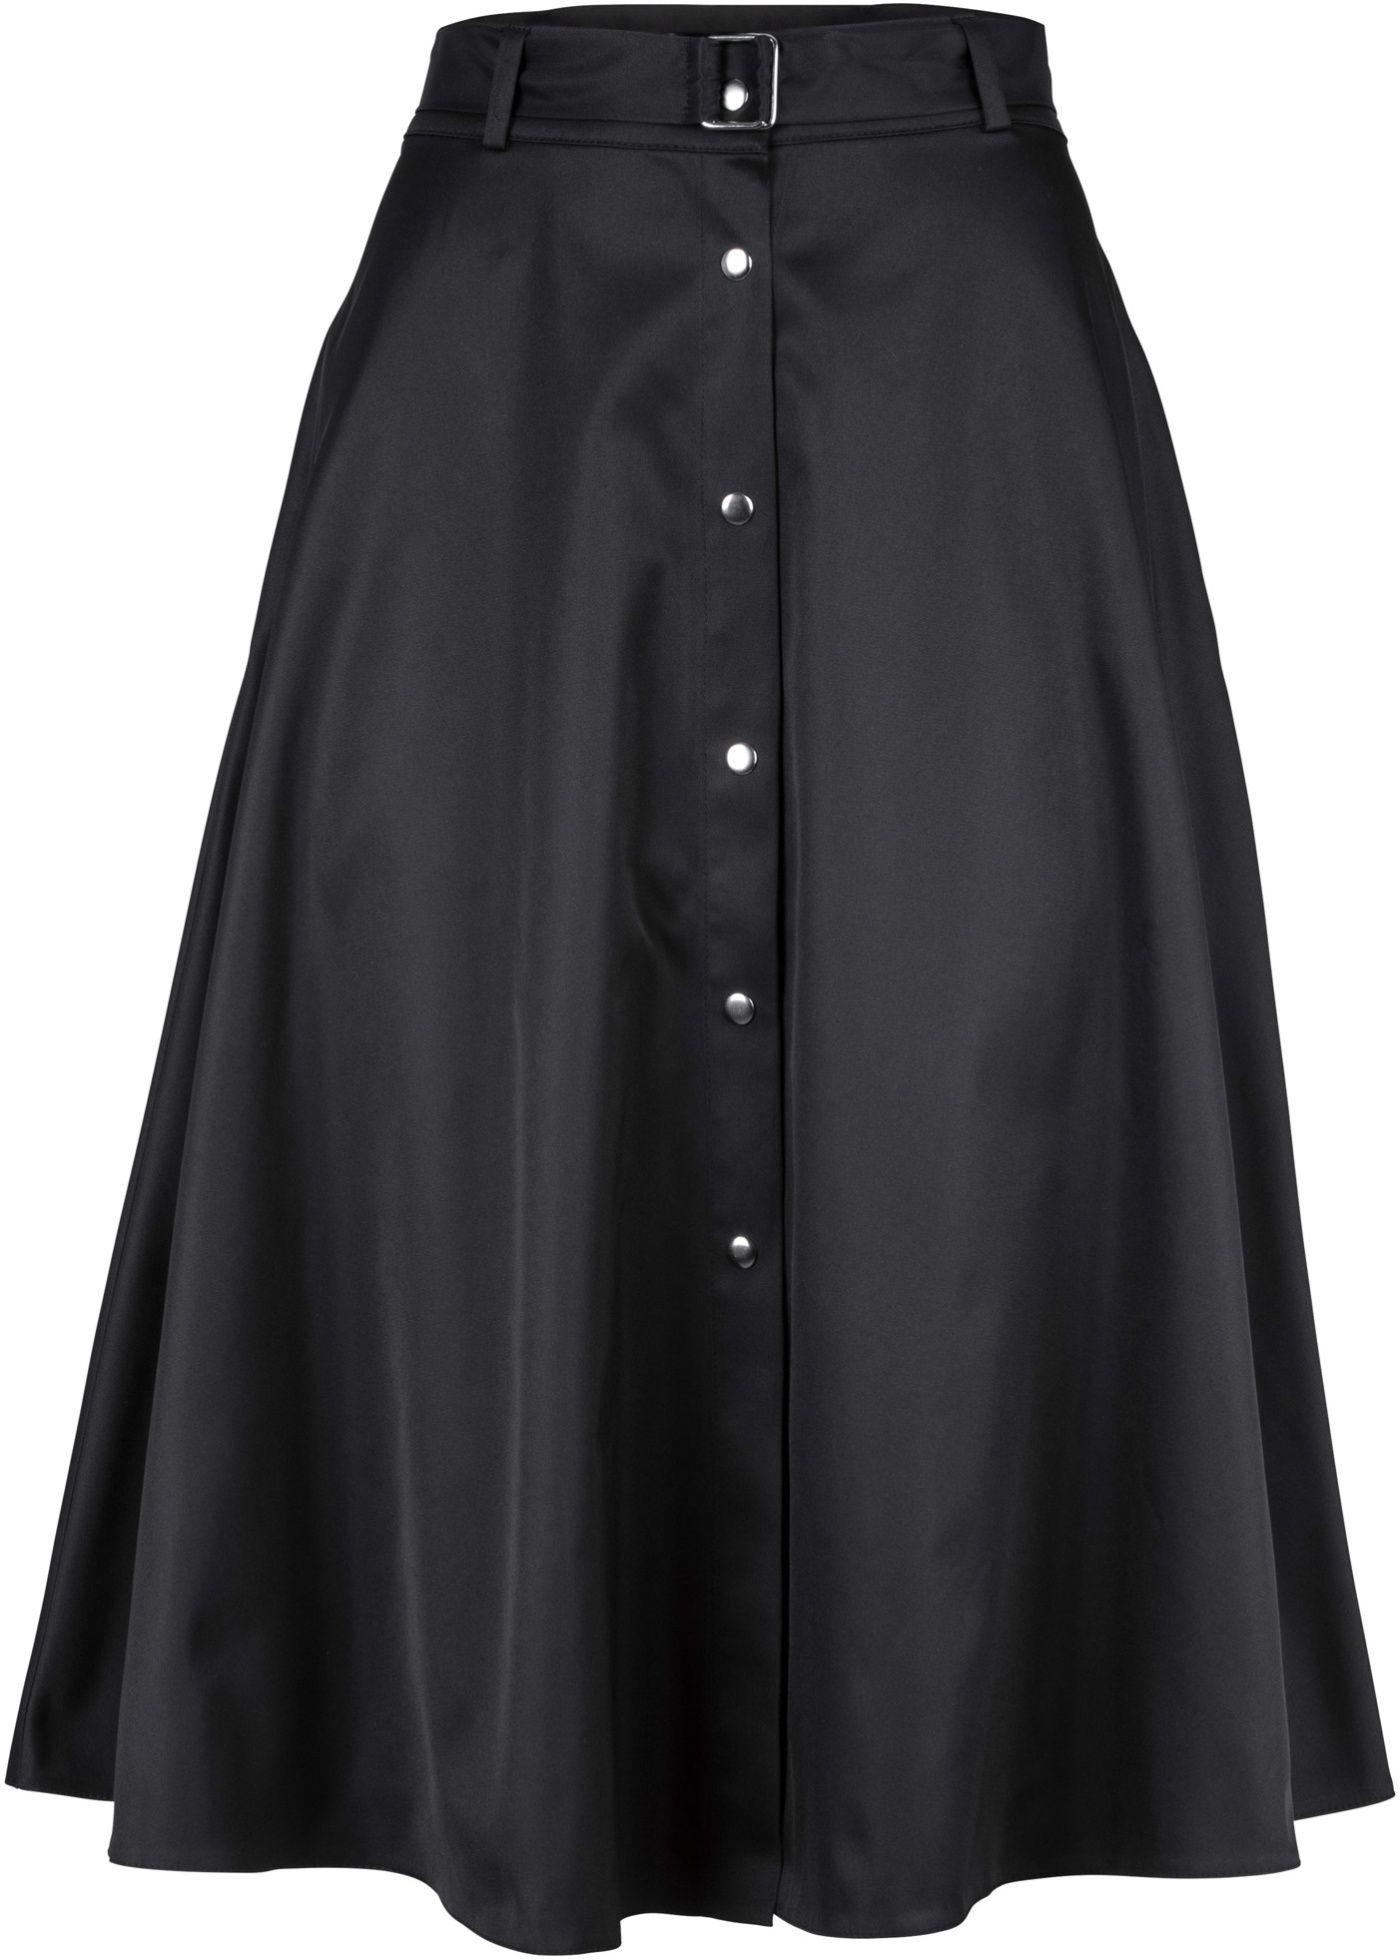 dd51b2faee Saia evasê com botões preto encomendar agora na loja on-line bonprix.com.br  R  119